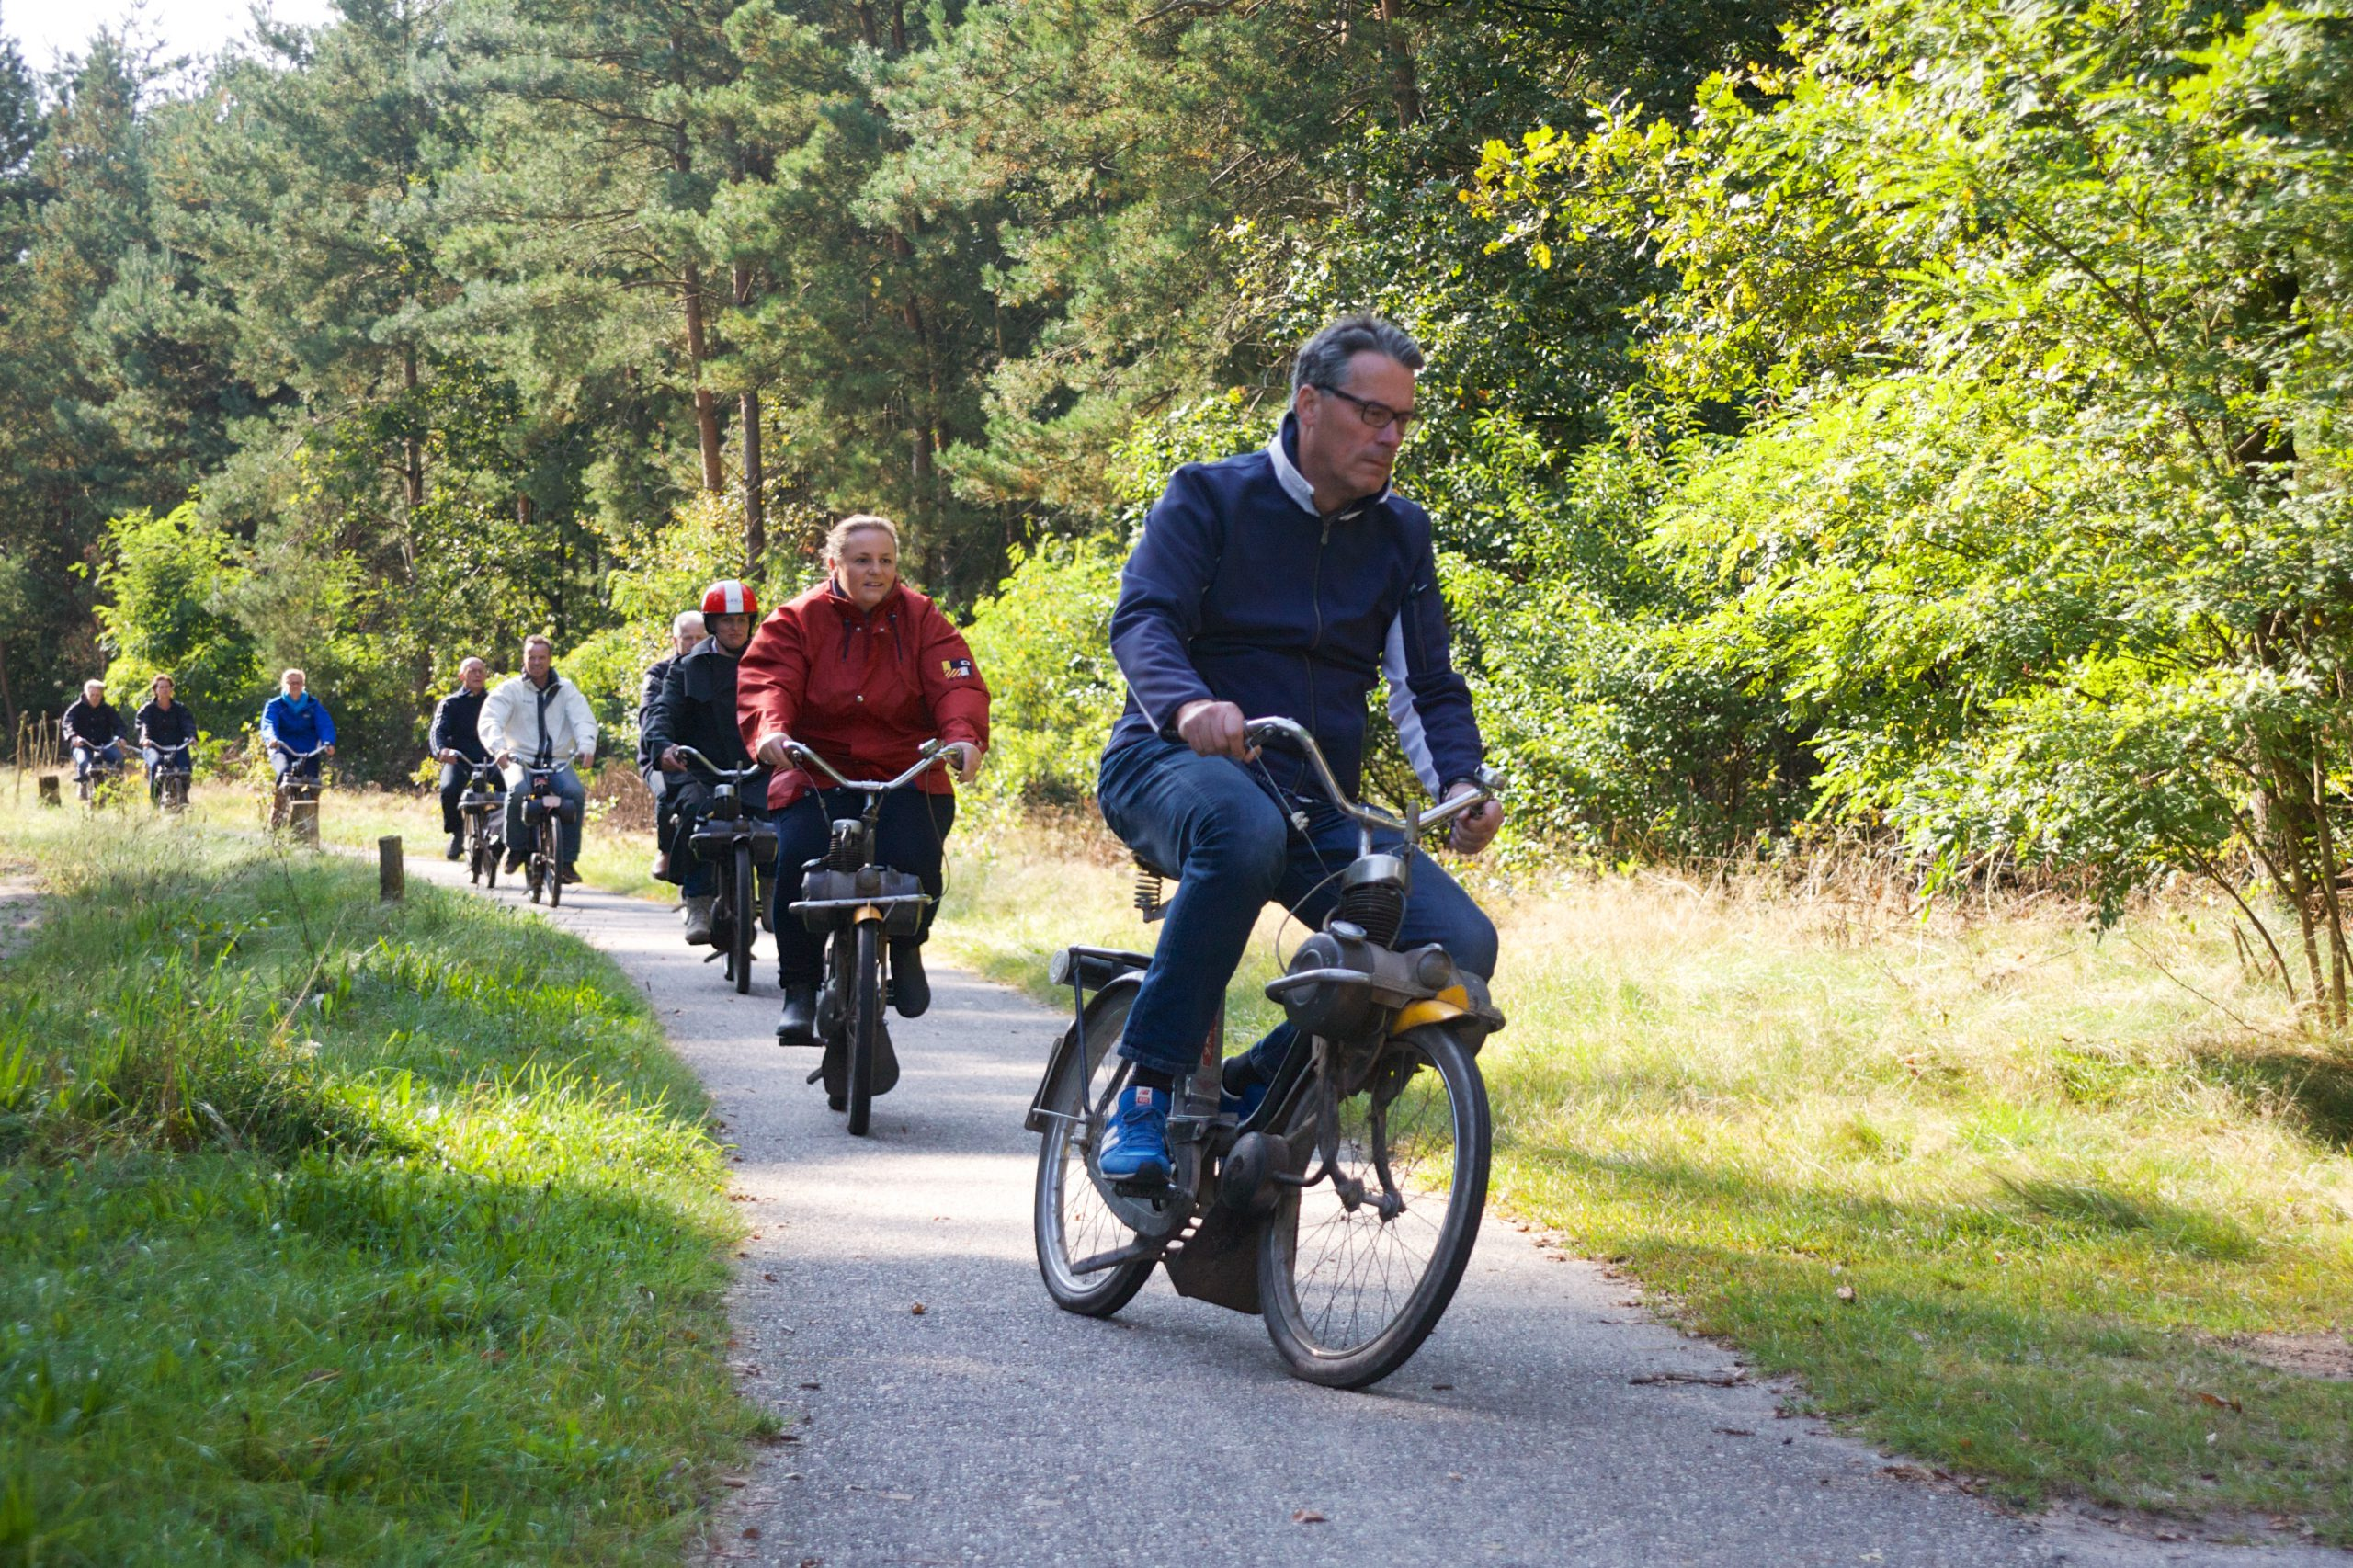 Solex rijden door de bossen Solex rijden door bossen in Brabant